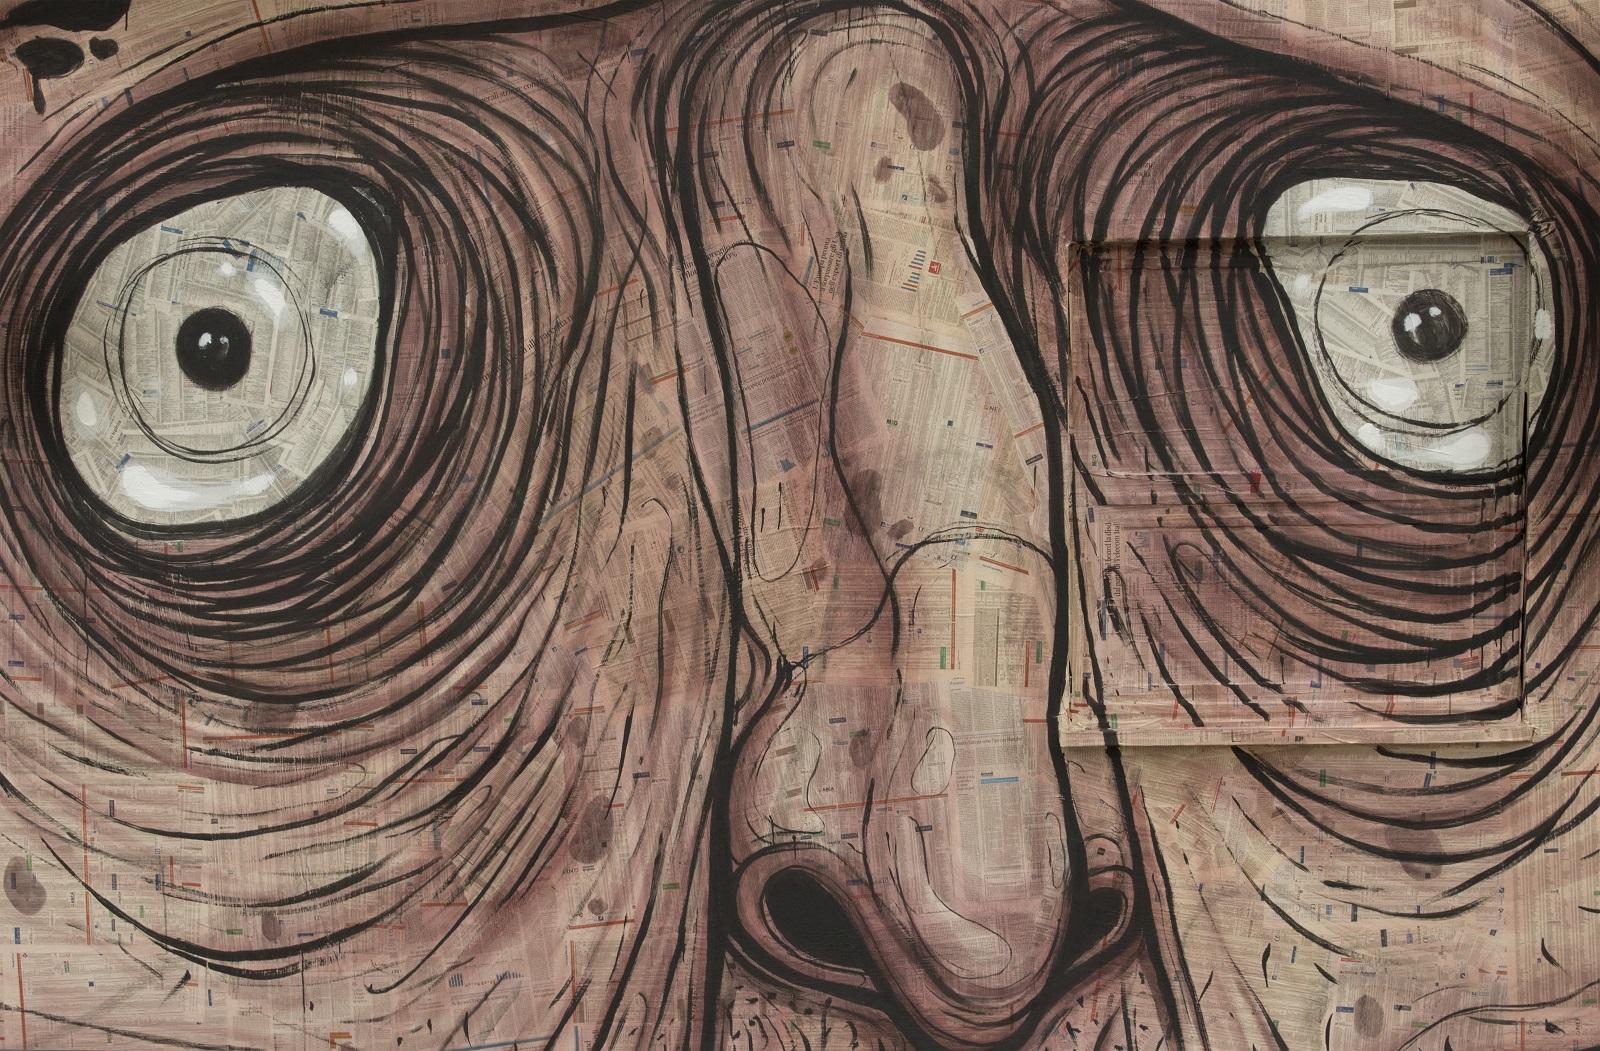 nemos-trim-new-mural-in-bonito-06